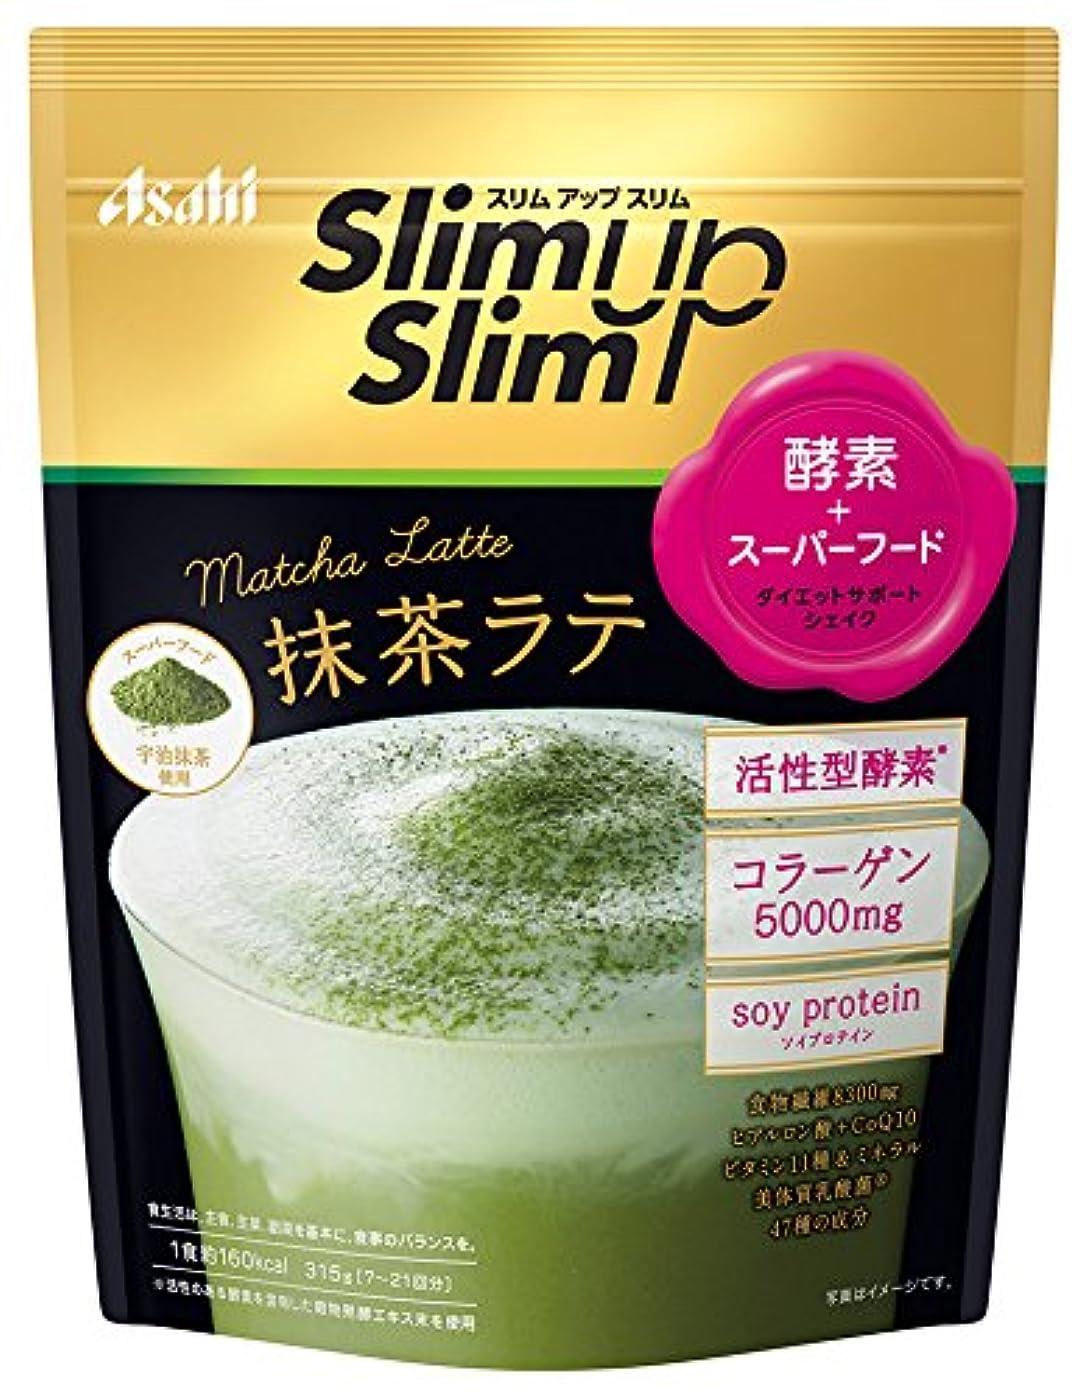 作家フクロウ表示酵素+スーパーフードシェイク 抹茶ラテ315g×9